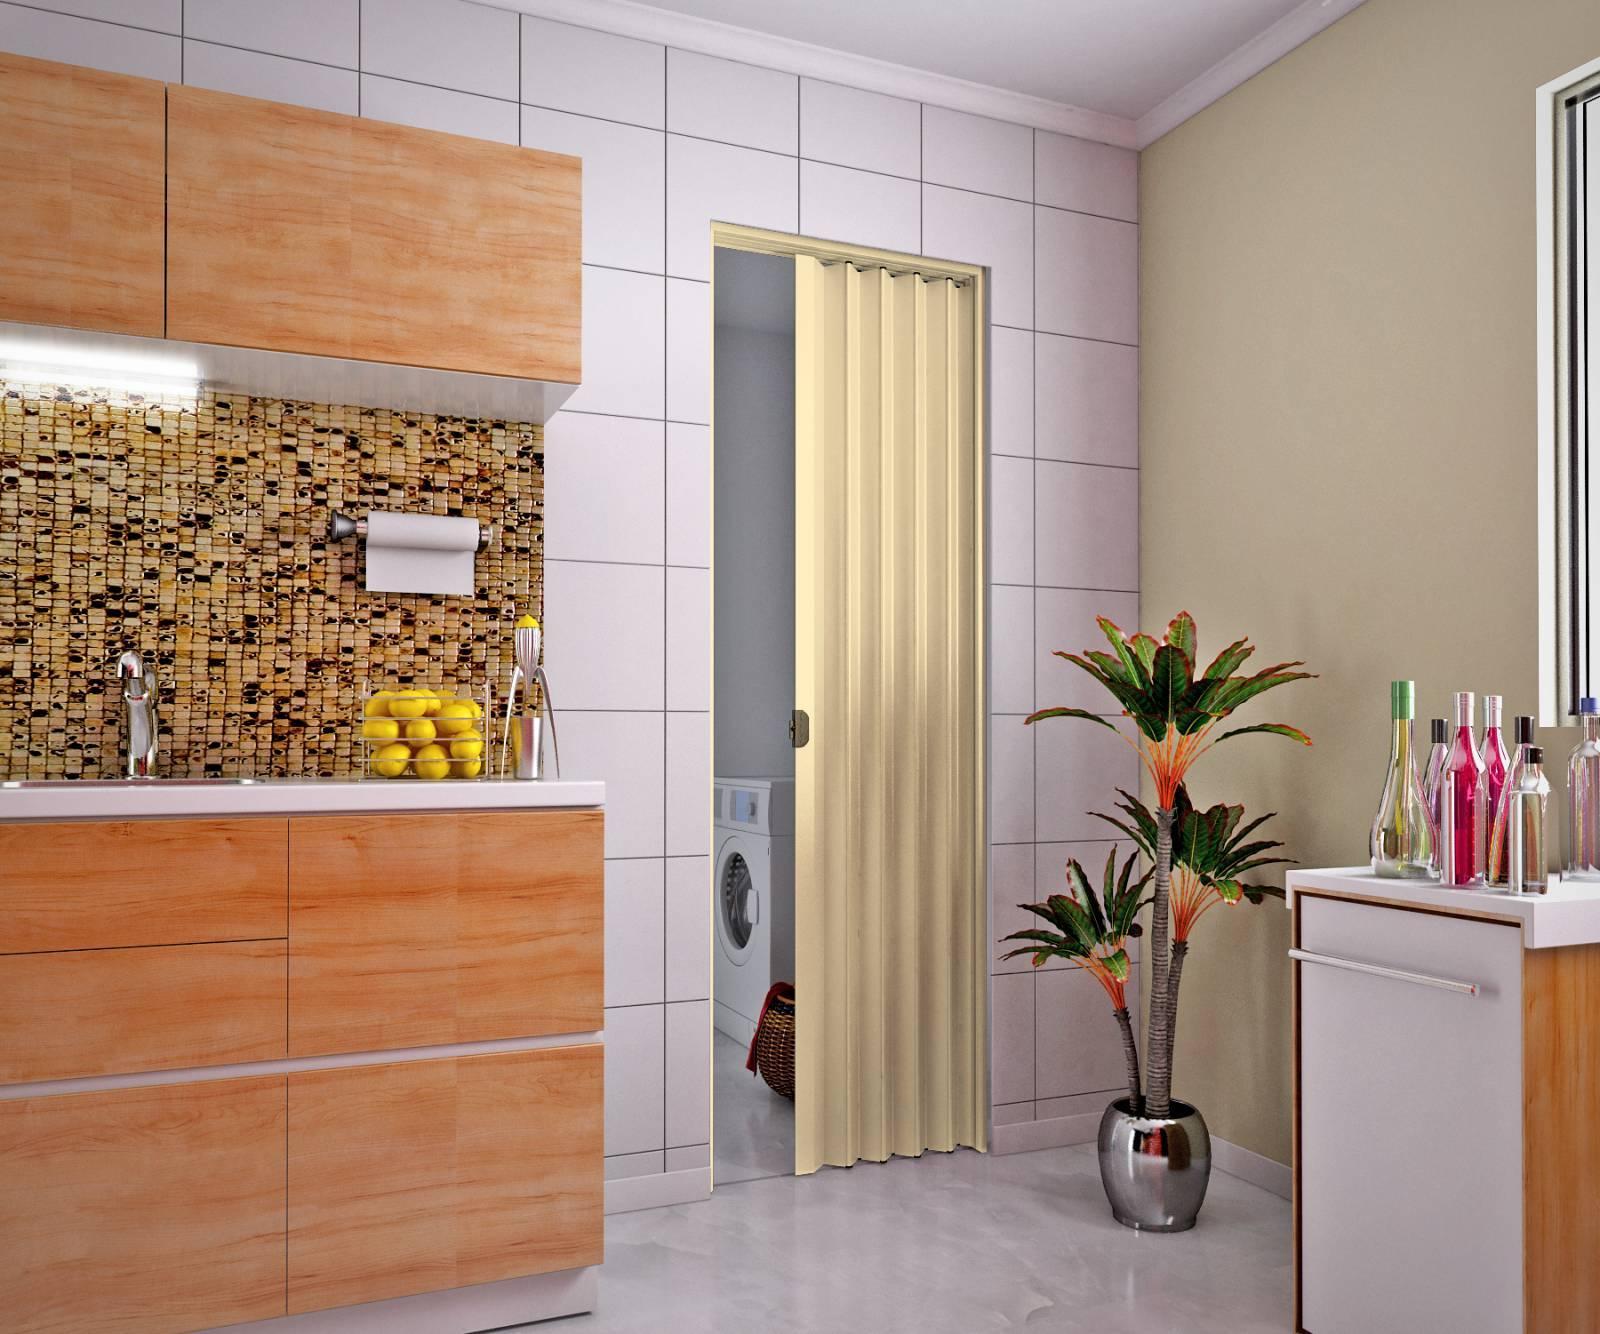 Porta Sanfonada De Pvc plasbil 2,10 x 90.cm Areia - Casa Sul Materiais e Acabamento